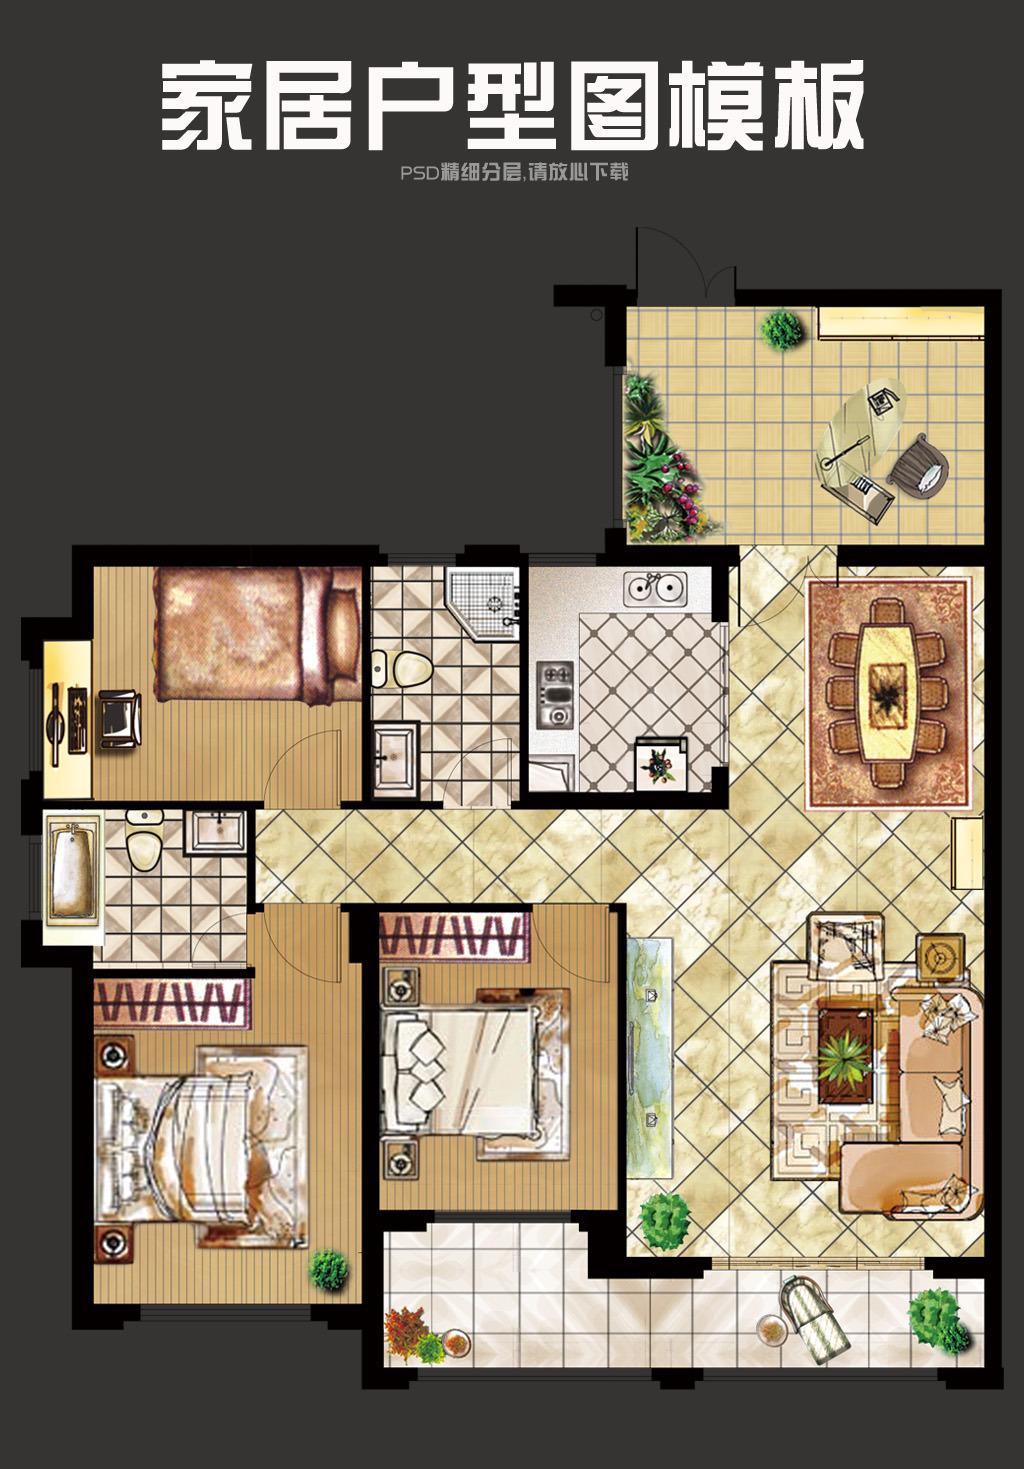 70平米两室一厅一厨一卫设计图展示